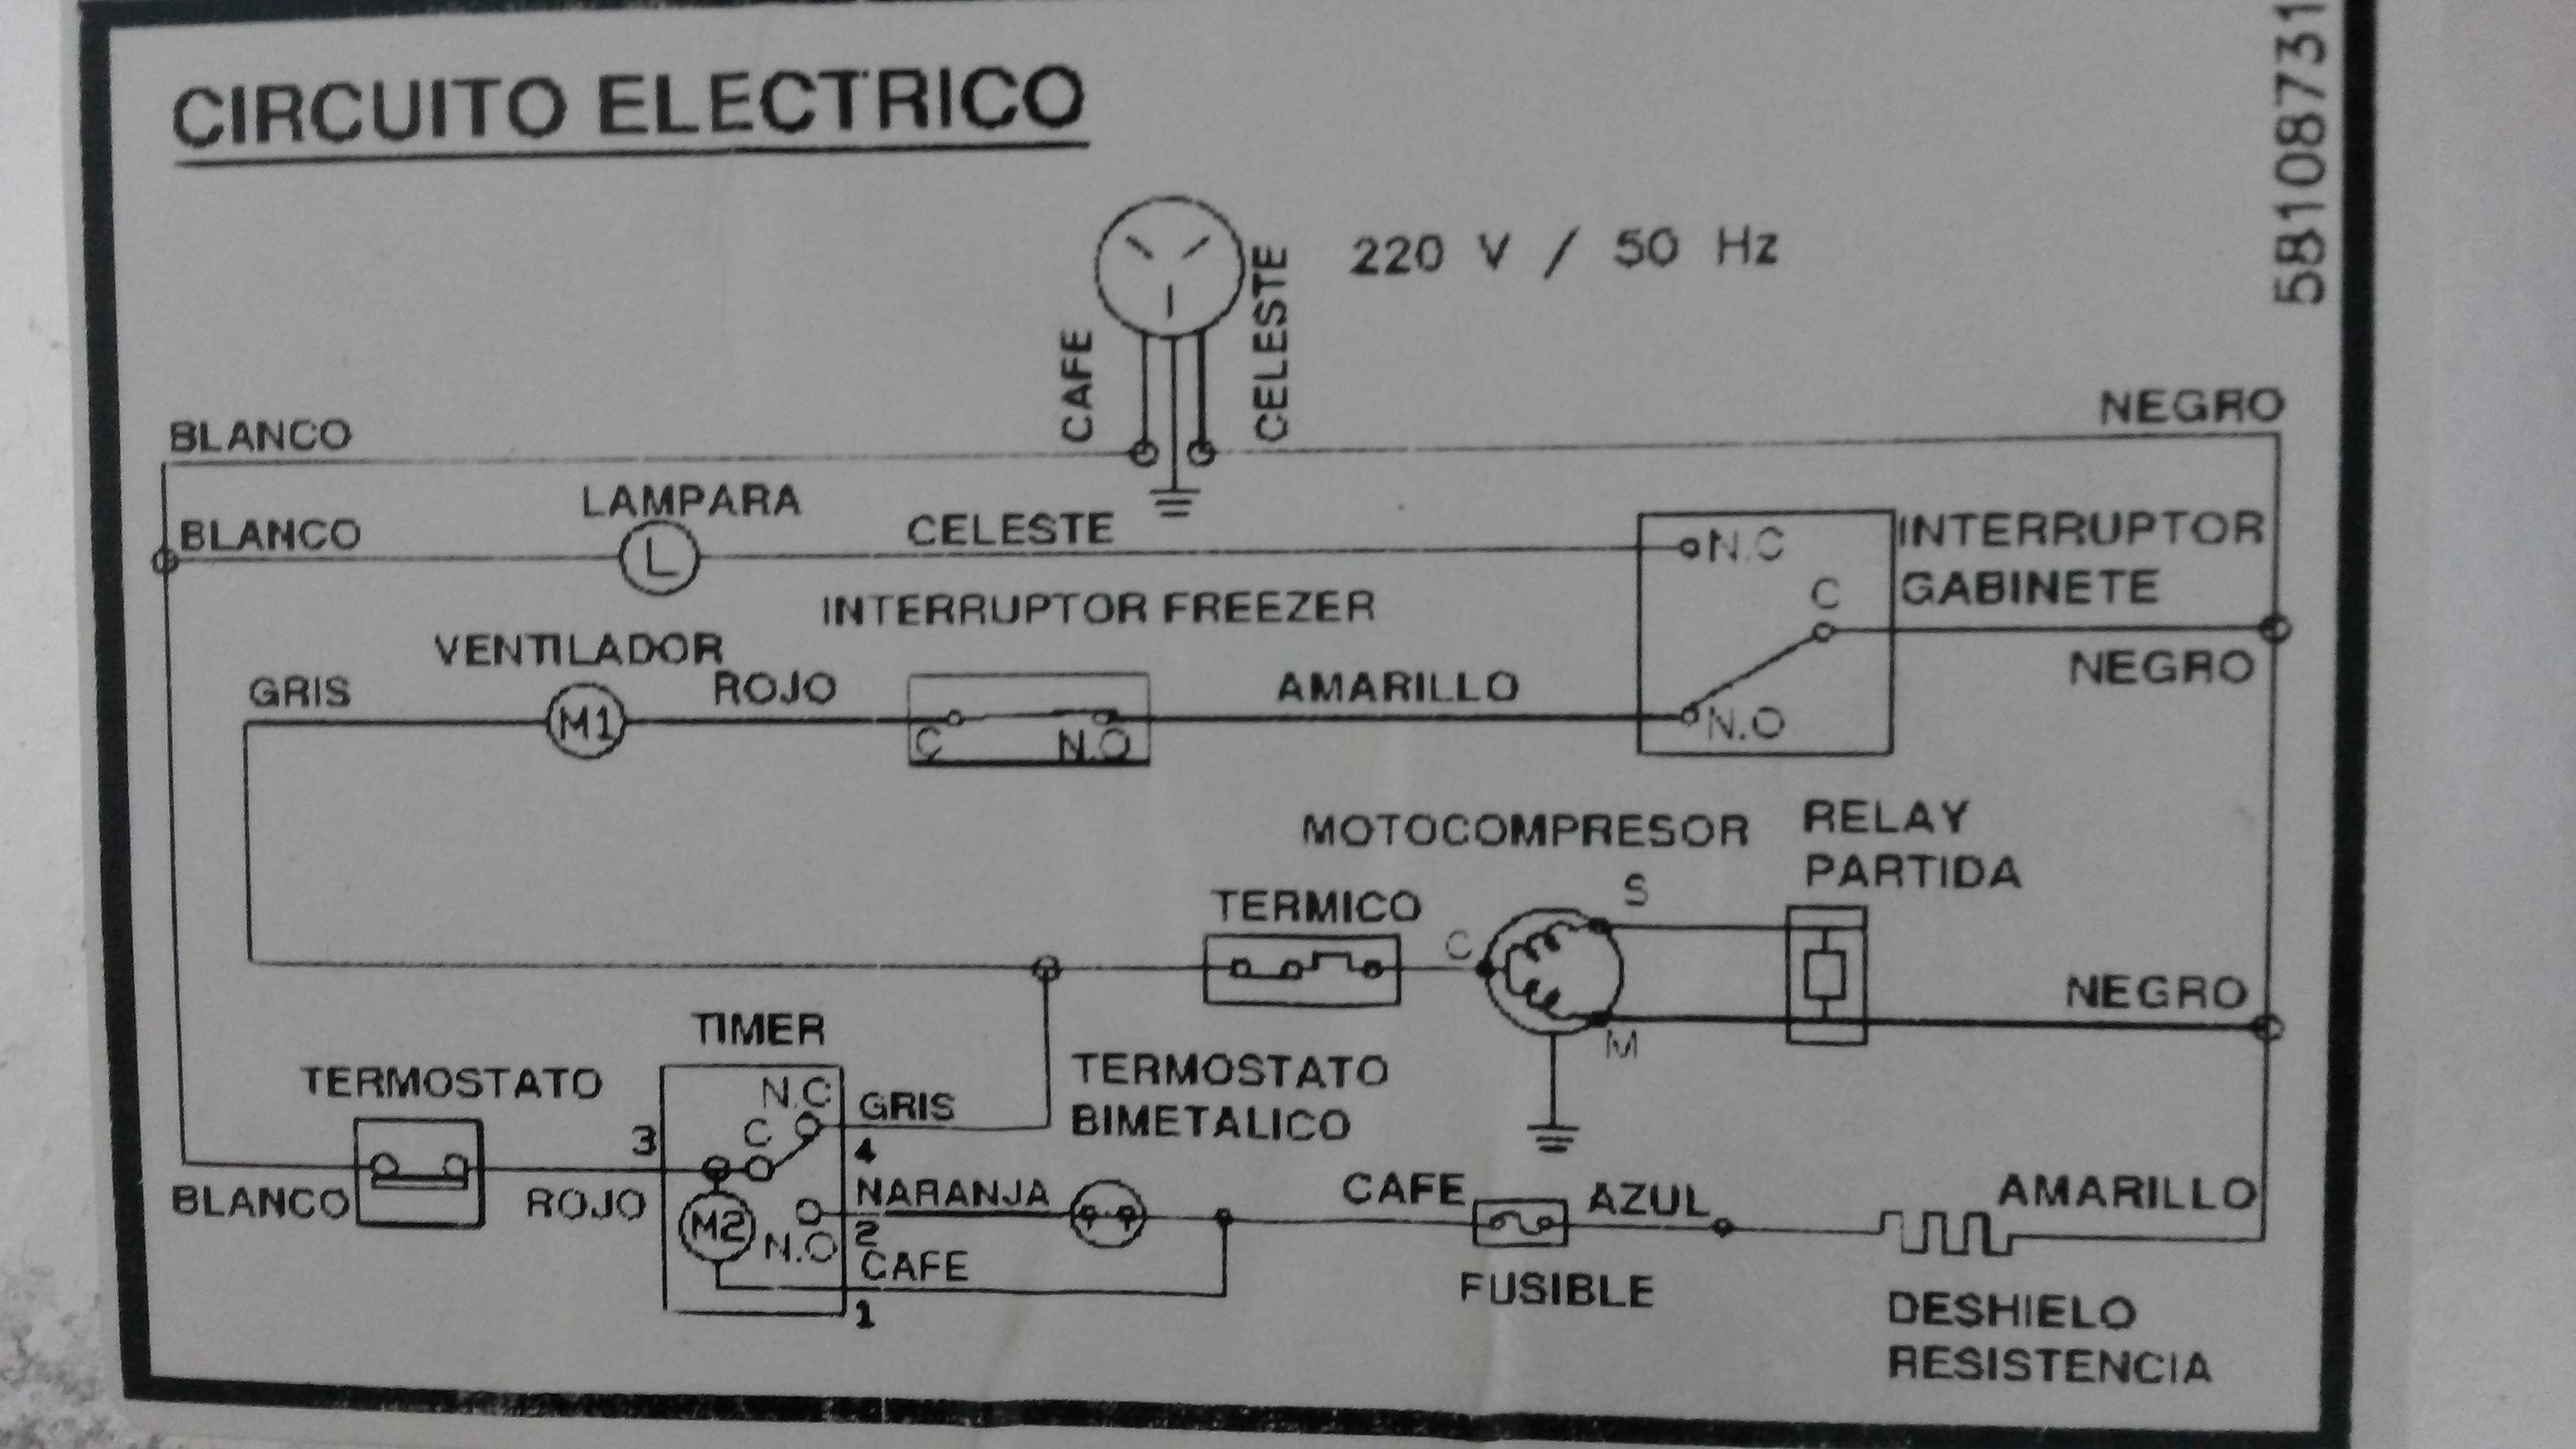 Circuito Electrico Heladera Comercial : Heladera gaffa no frost se detiene el timer yoreparo